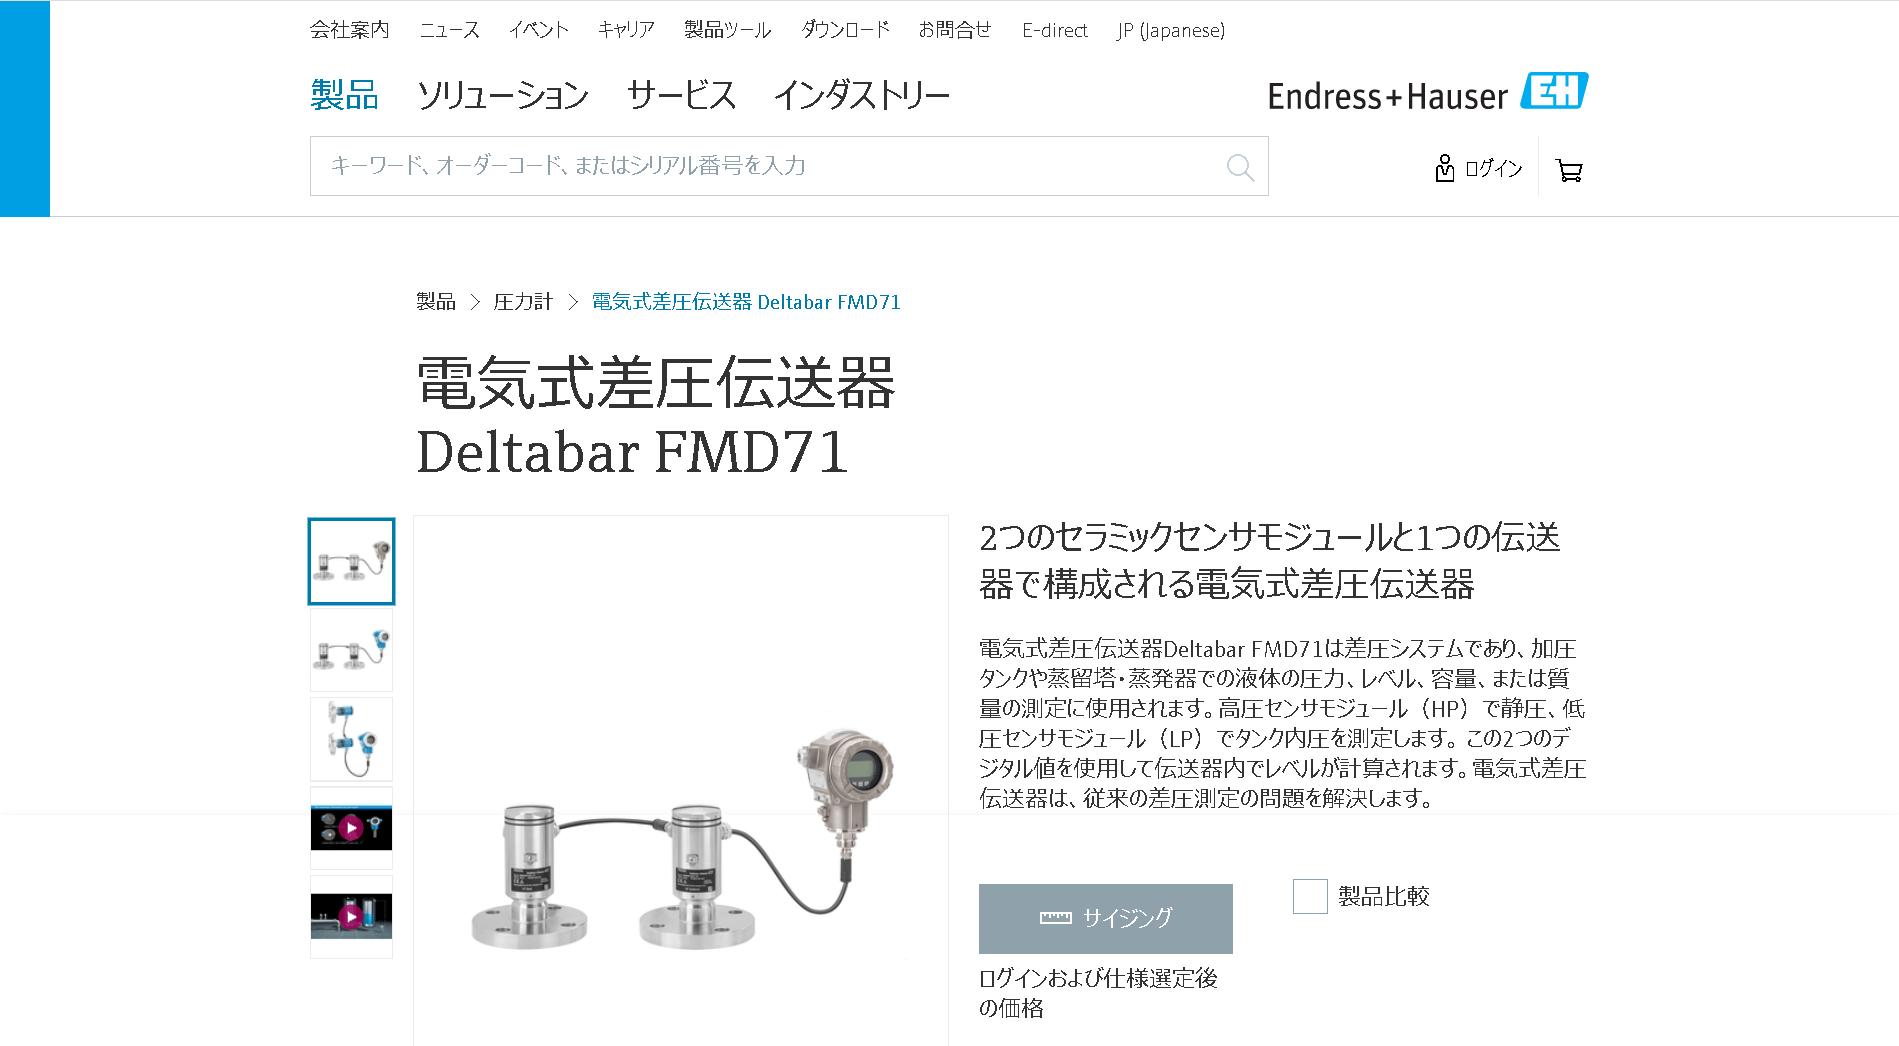 電気式差圧伝送器 Deltabar FMD71